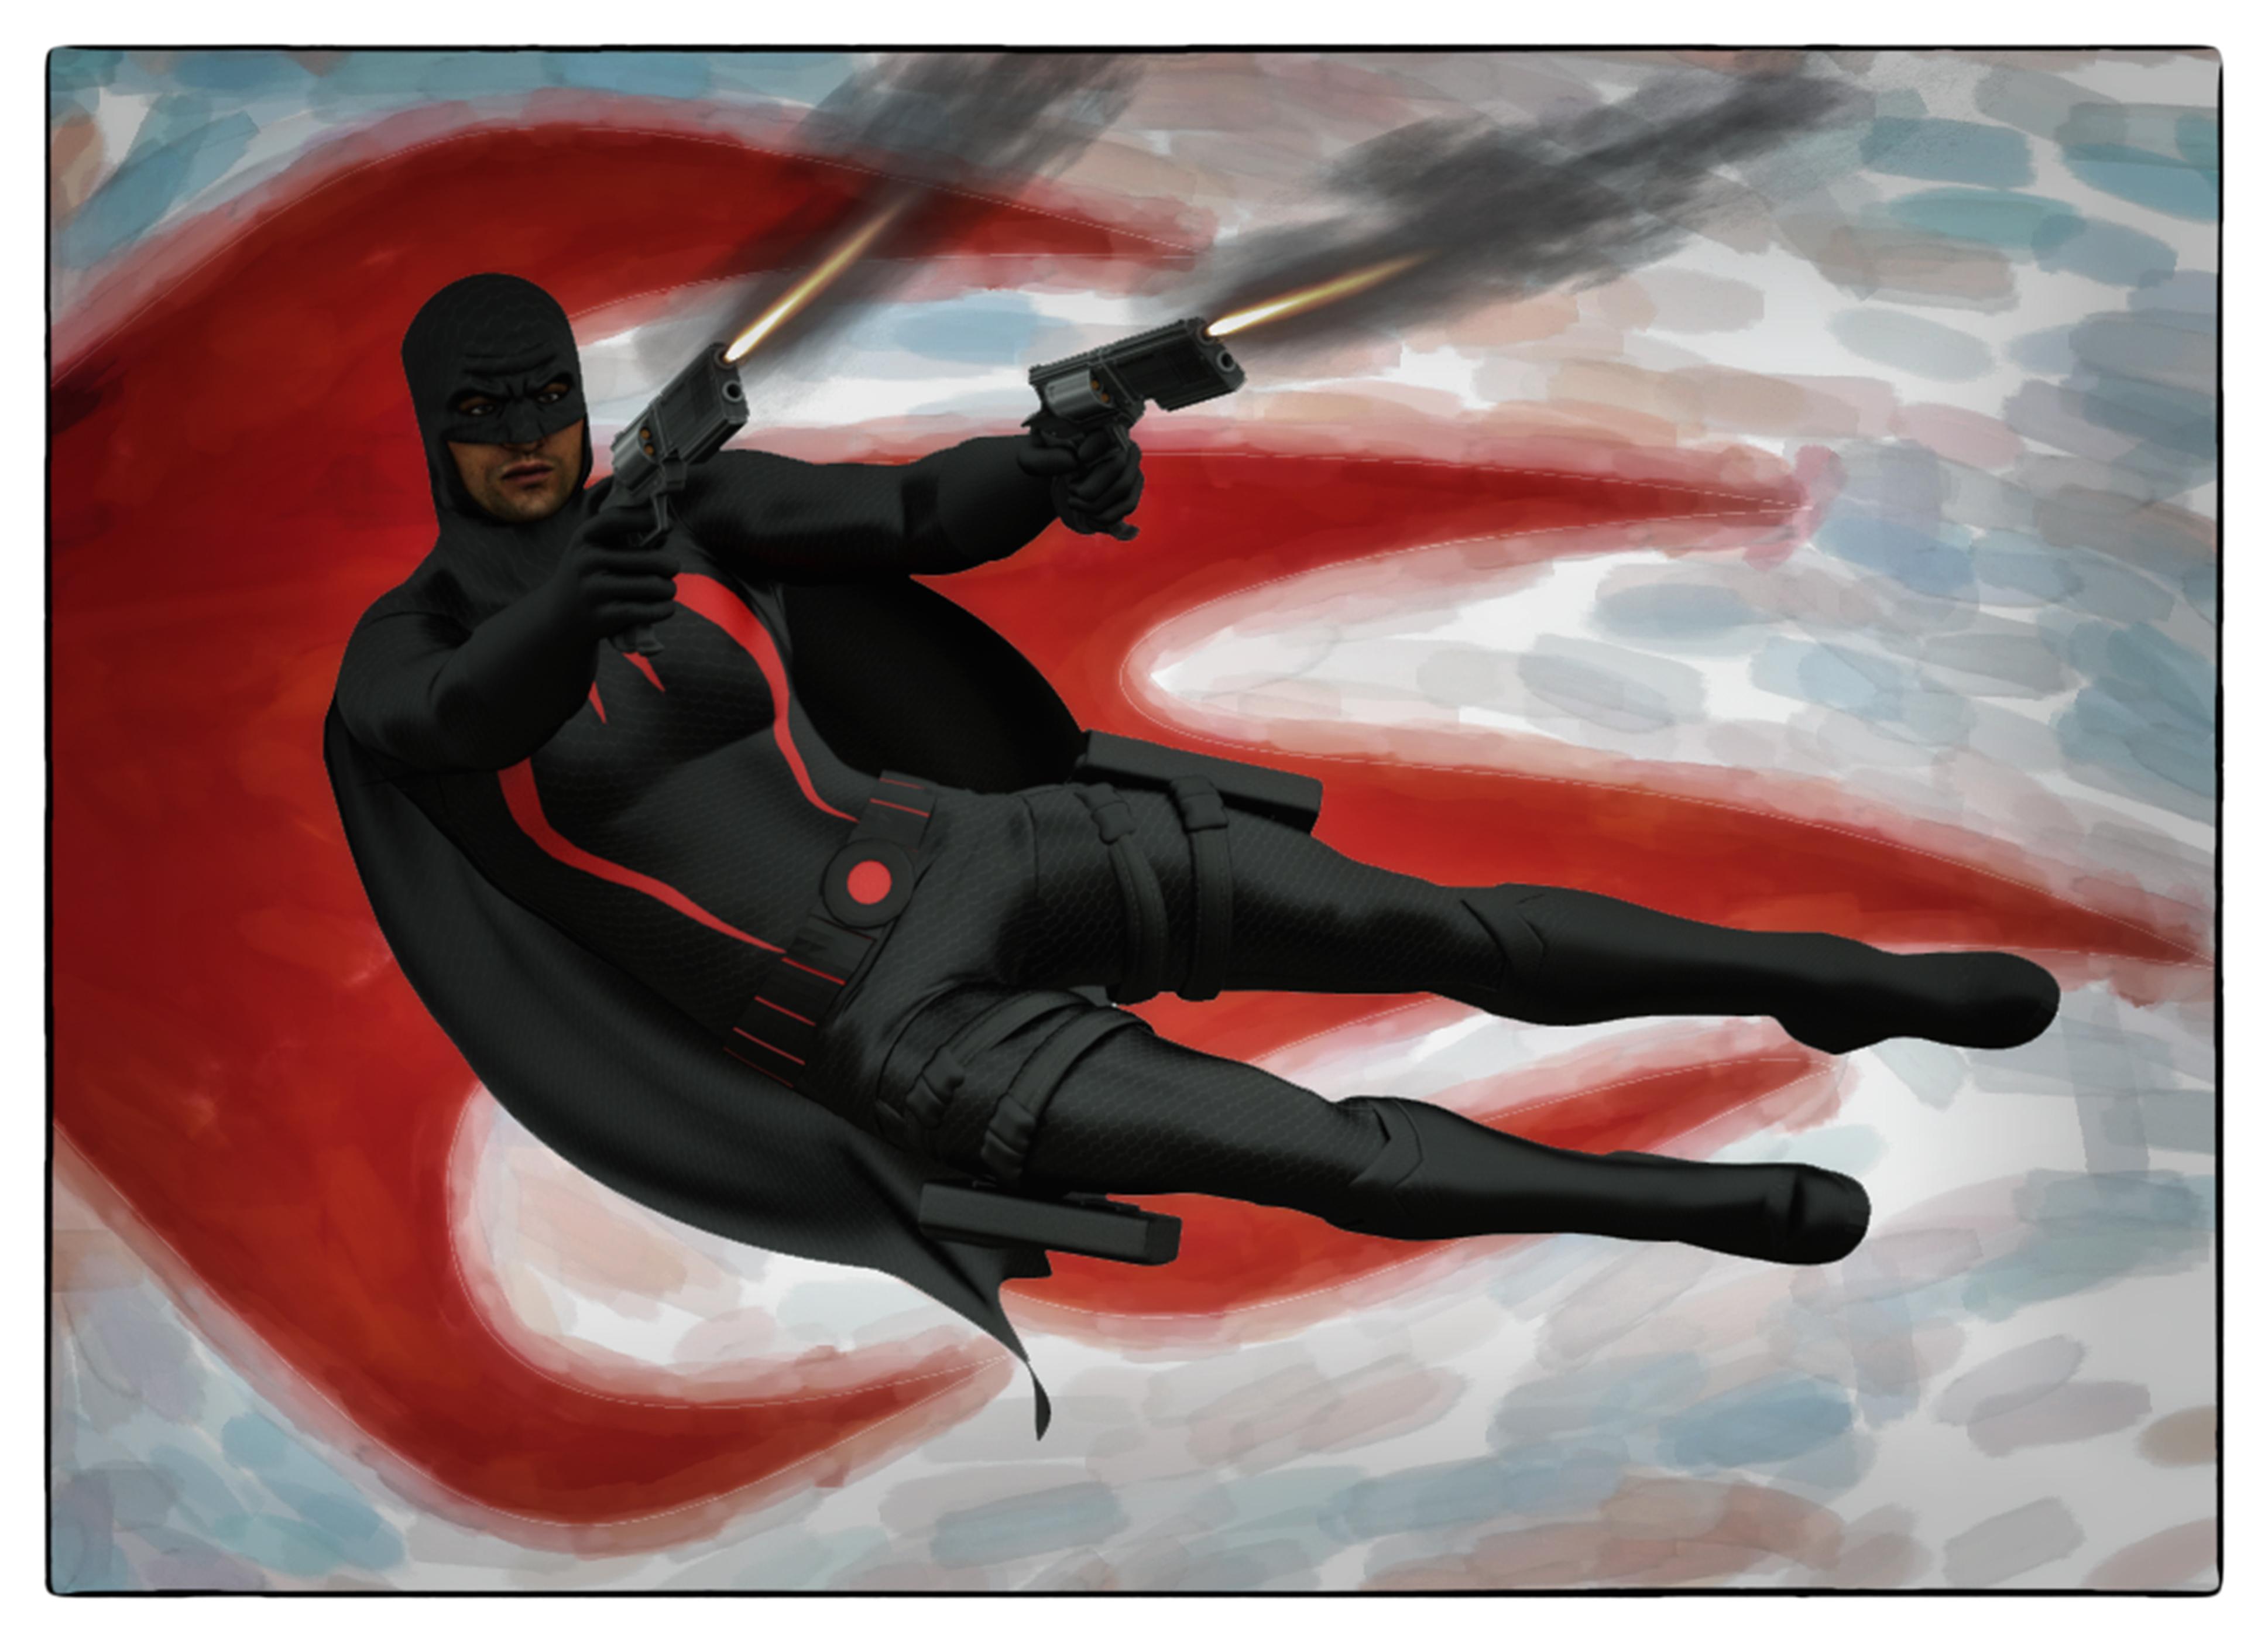 Black Bat textures for Goldenage suit by Joequick